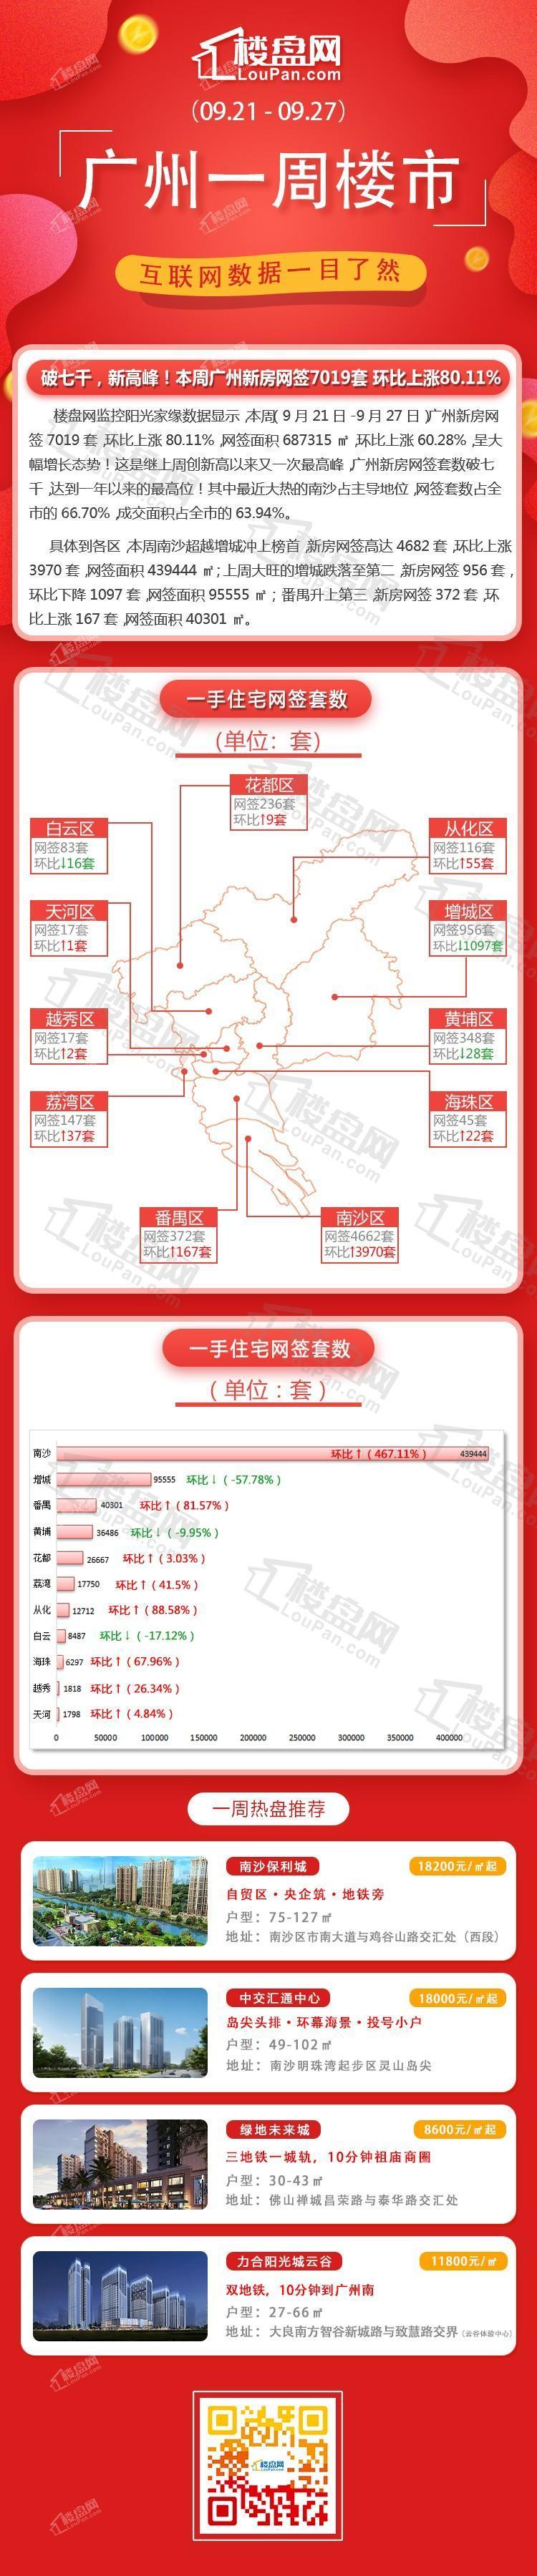 一周成交丨破七千,新高峰!本周广州新房网签7019套 环比上涨80.11%